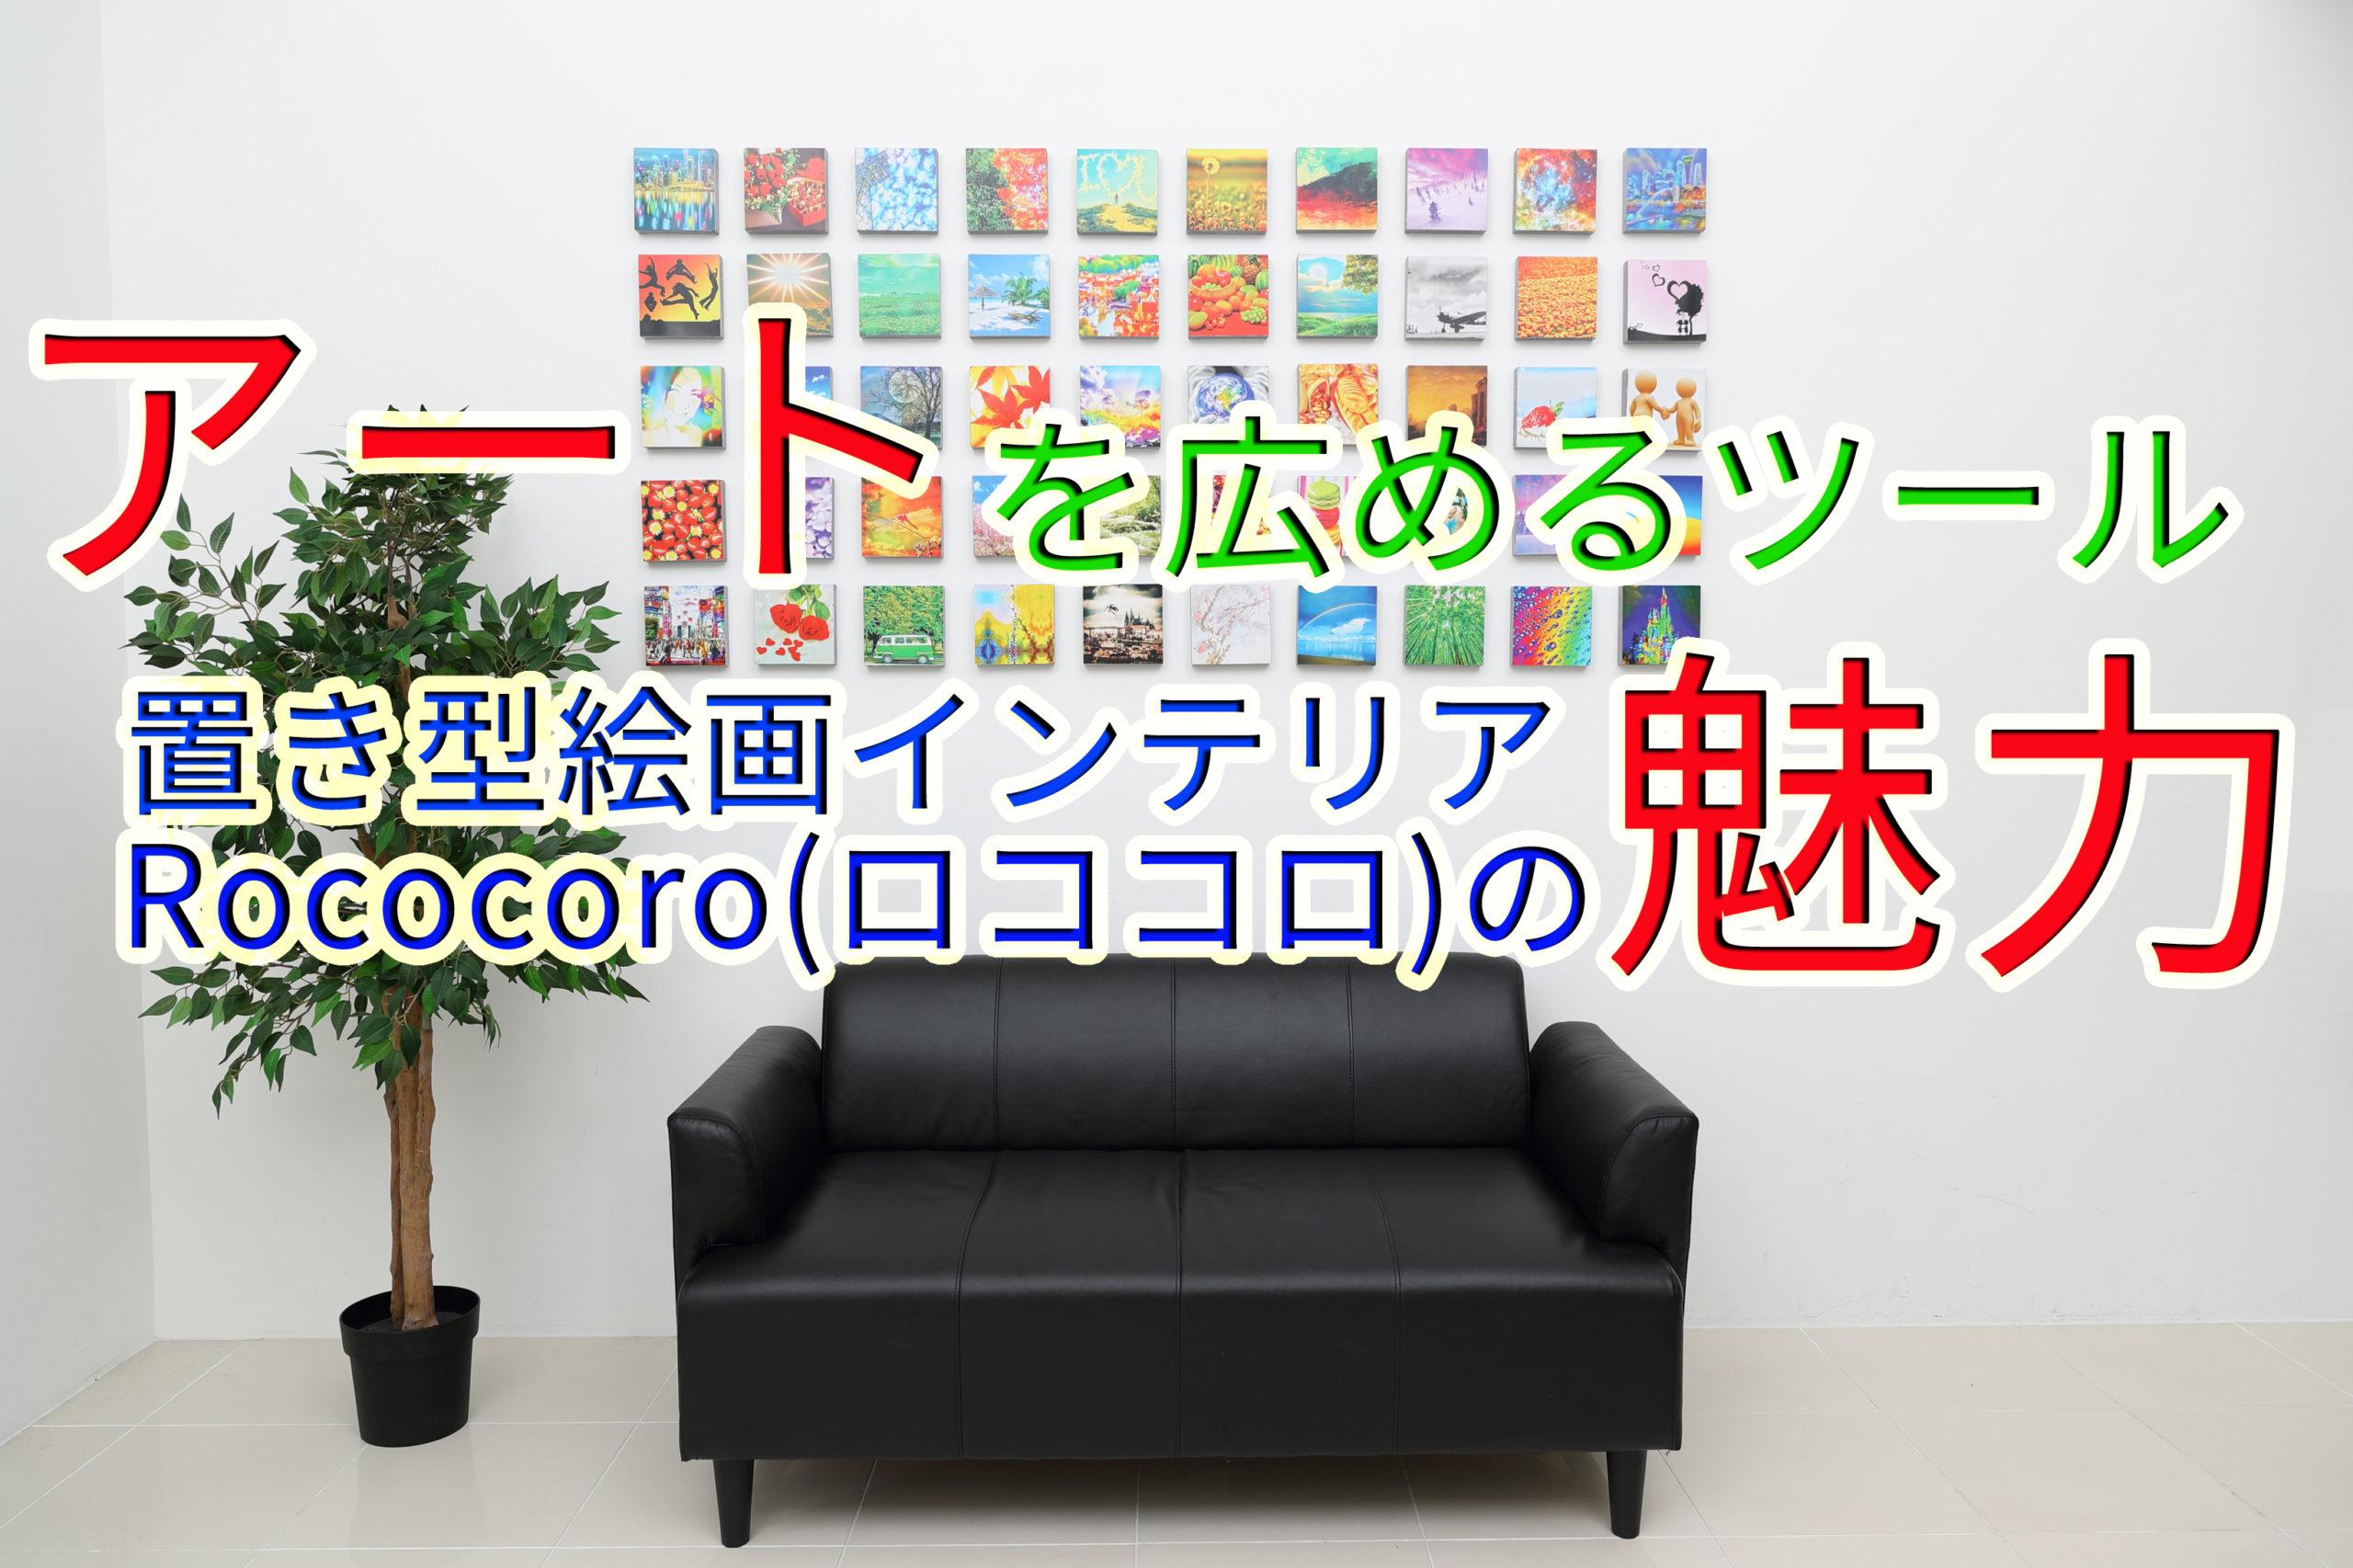 アートを広めるツール【置き型絵画インテリアRococoro(ロココロ)の魅力】